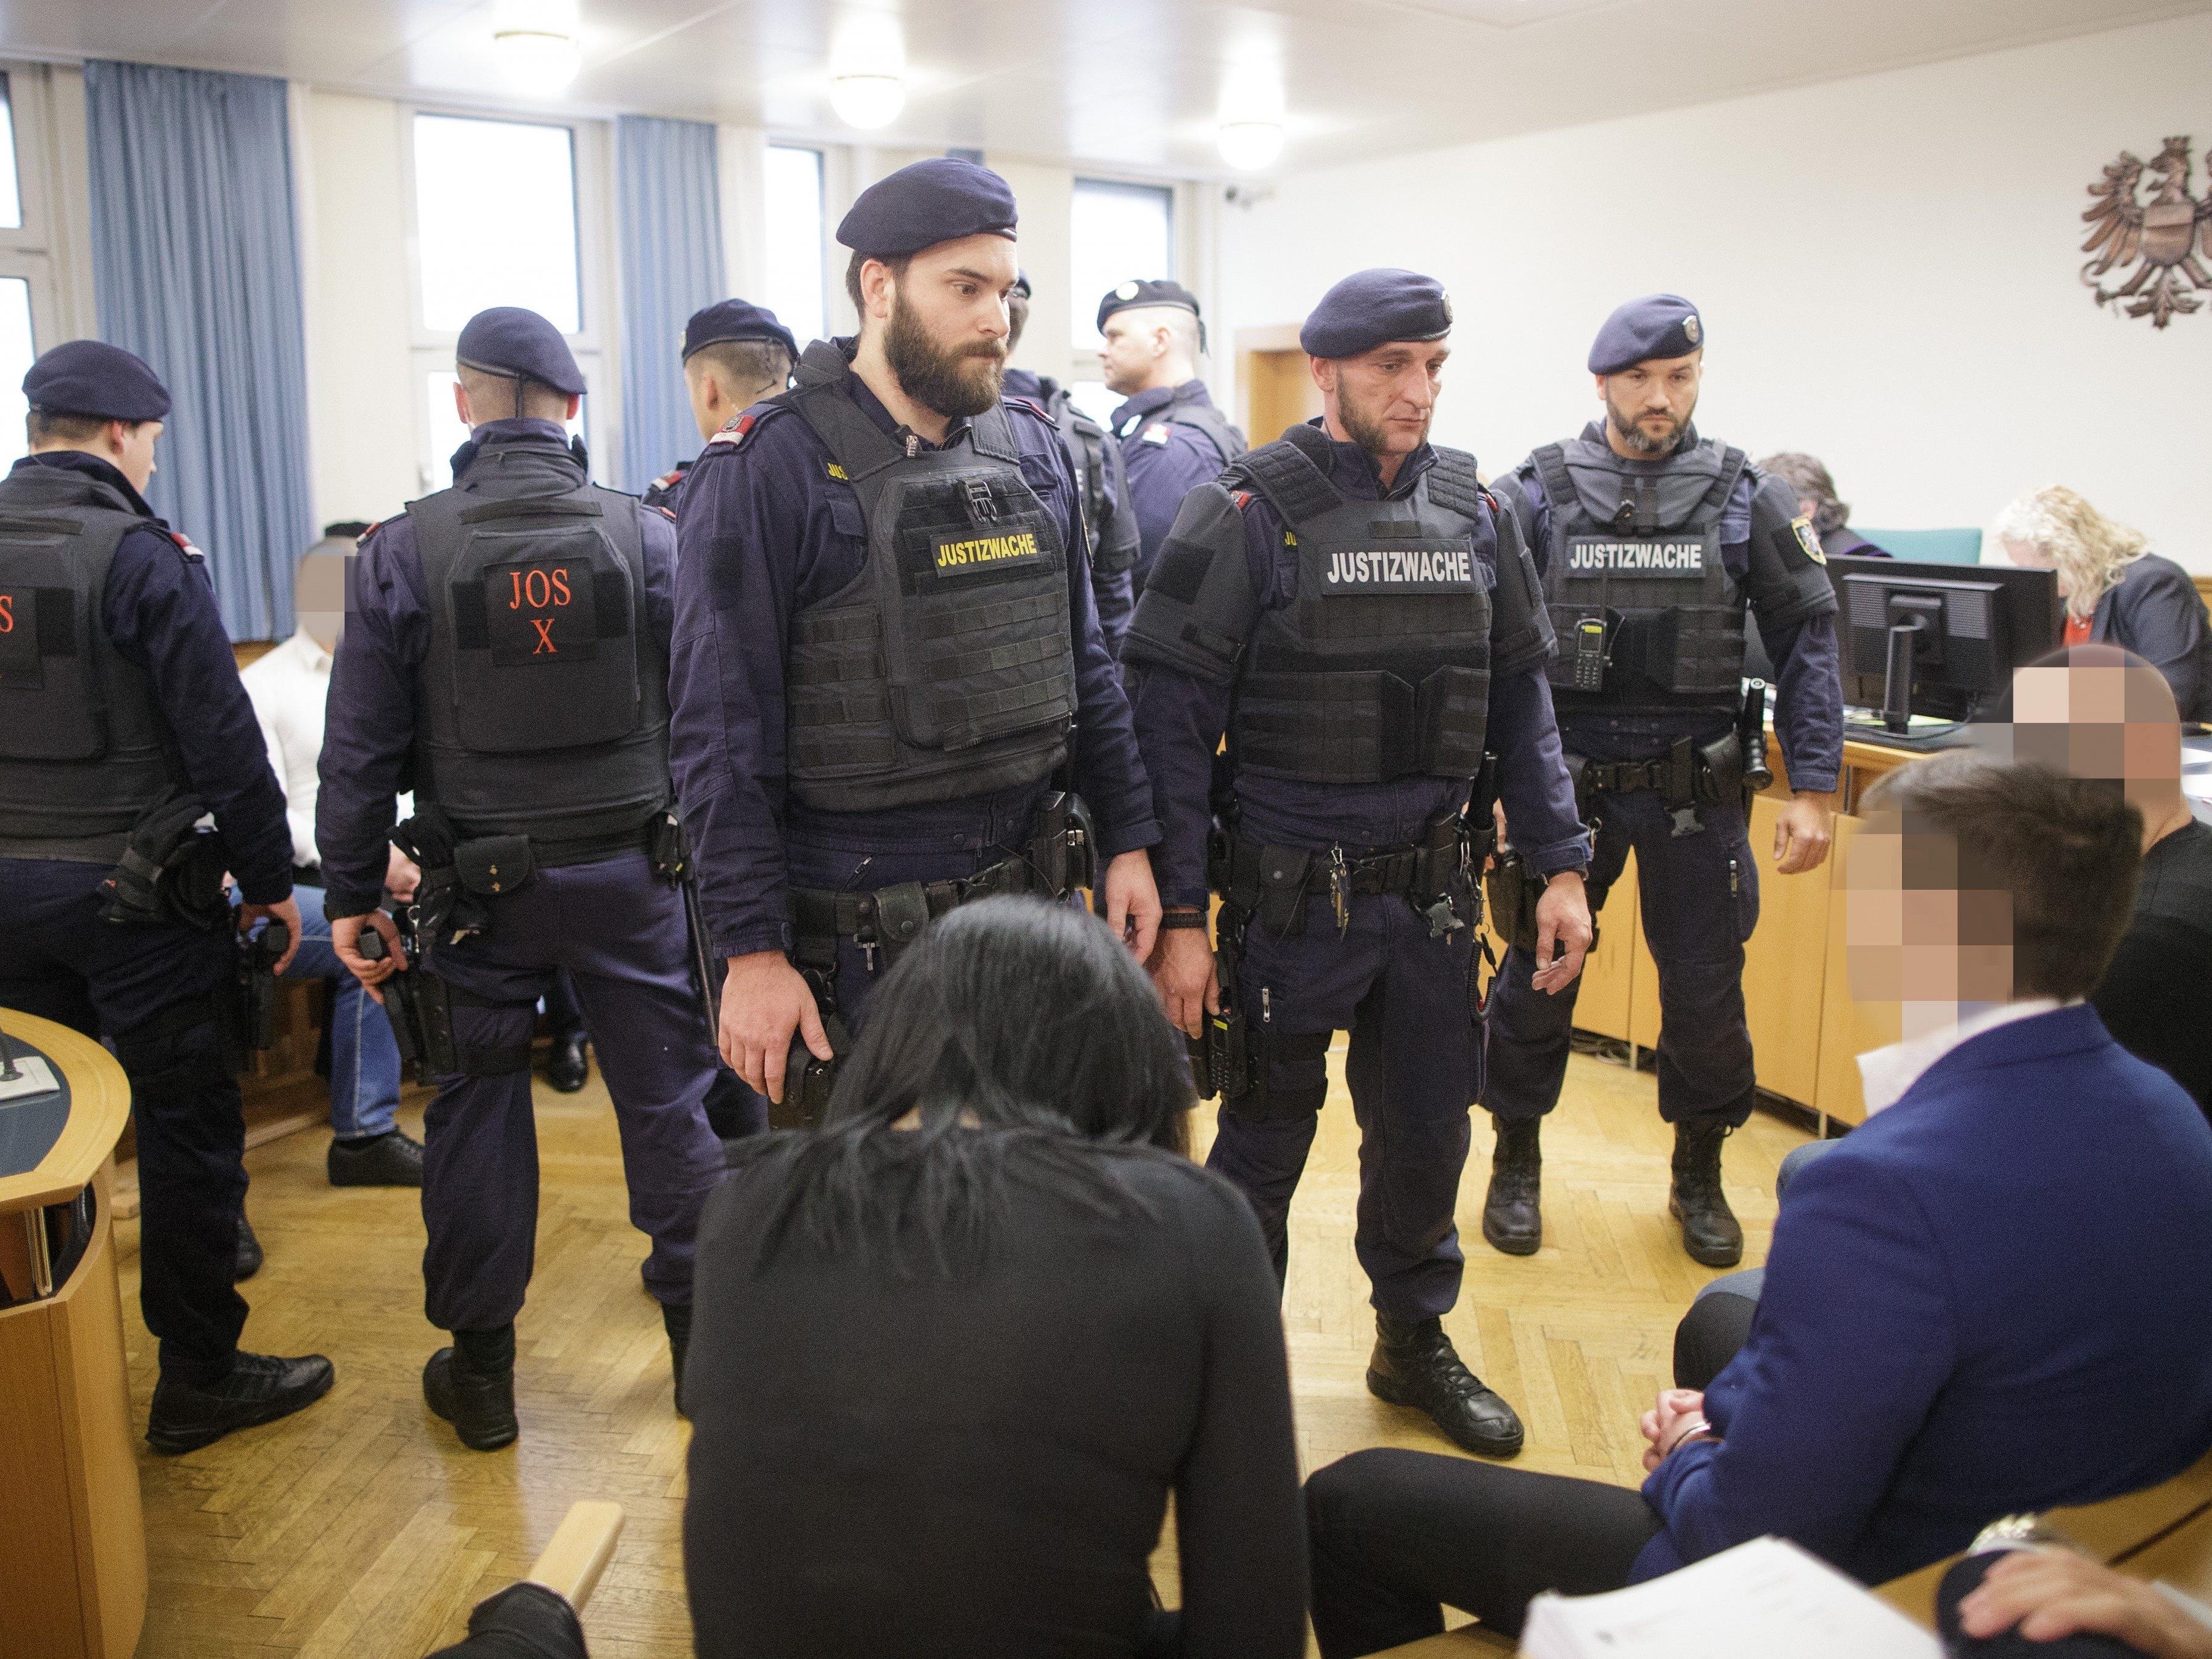 Der Wiener mafiaprozess ging am Donnerstag mit Schuldsprüchen zu Ende.